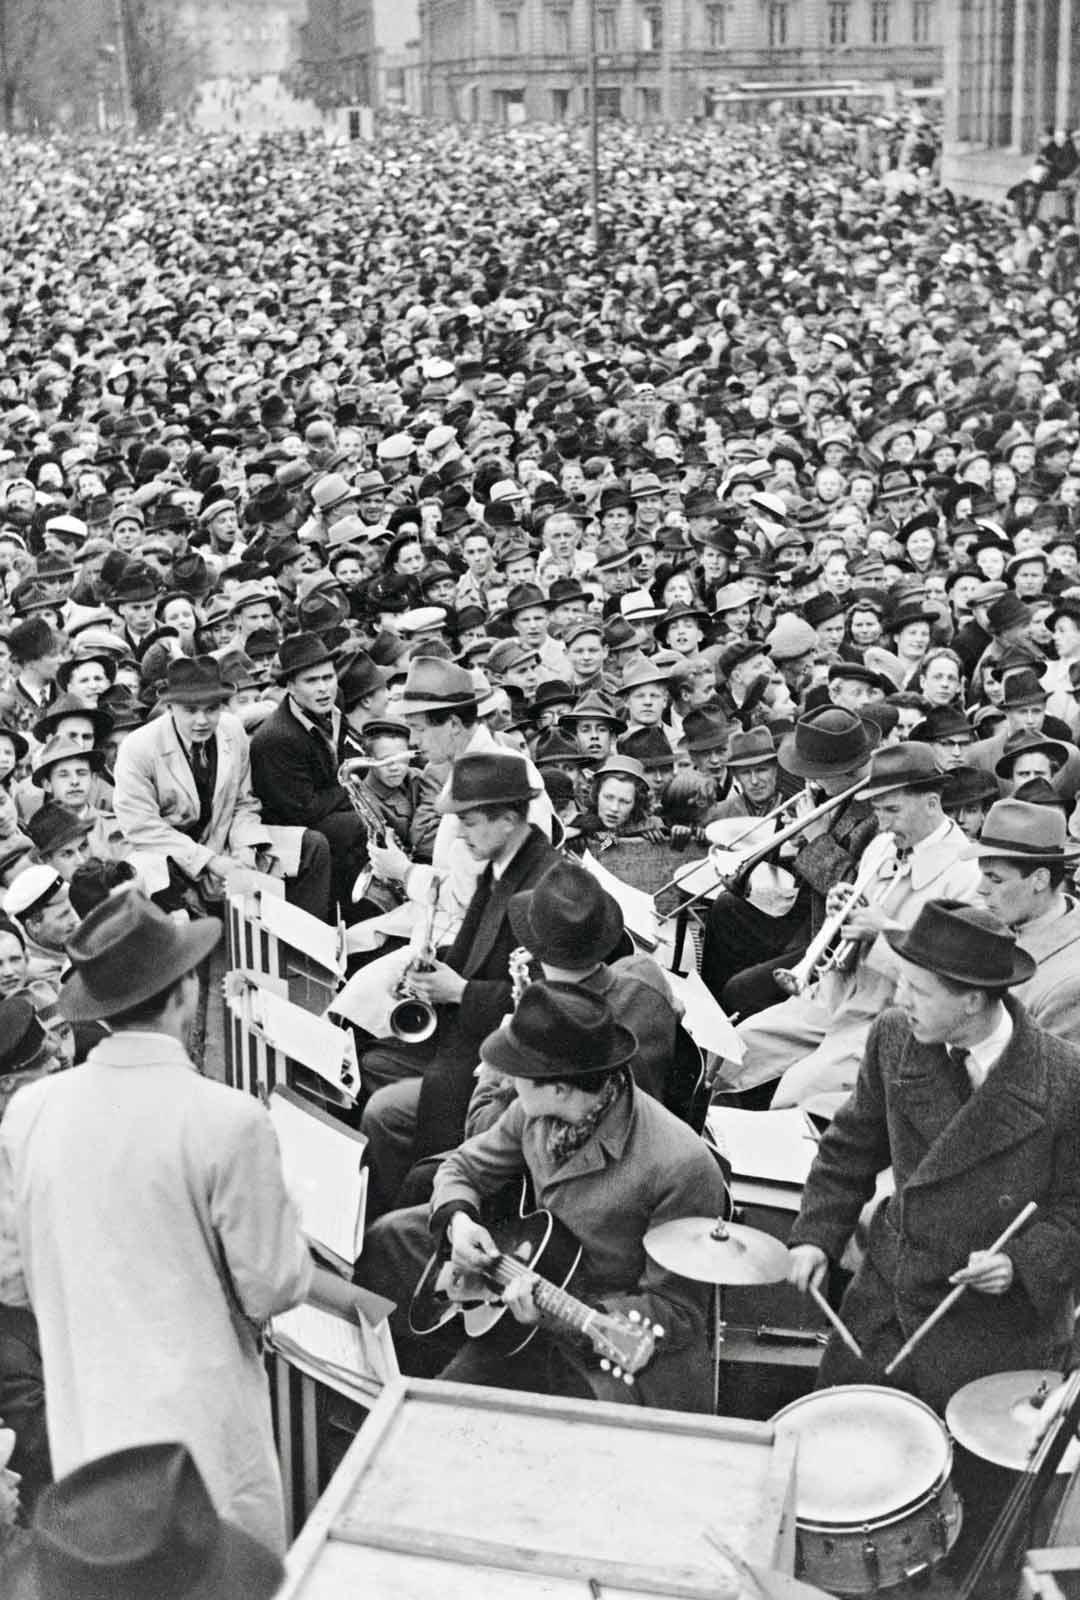 Tanssiminen sallittiin hyvistä ja siveellisistä syistä. Esimerkiksi toisen maailmansodan päättymistä juhlittiin tanssien Helsingin rautatientorilla 10.5.1945.